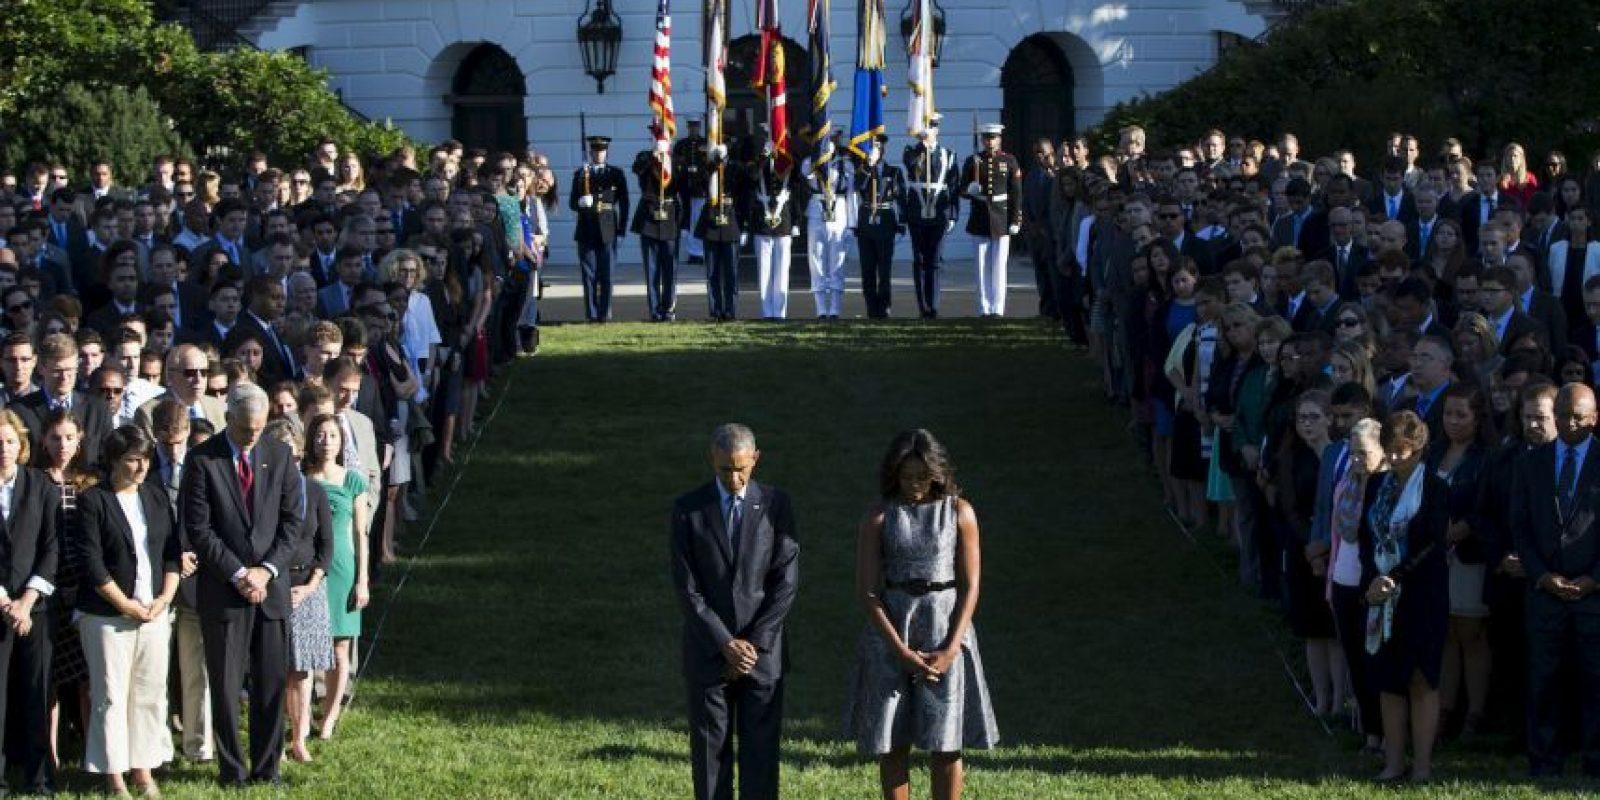 La Casa Blanca rinde homenaje a los caídos en el atentado terrorista. Foto:AP